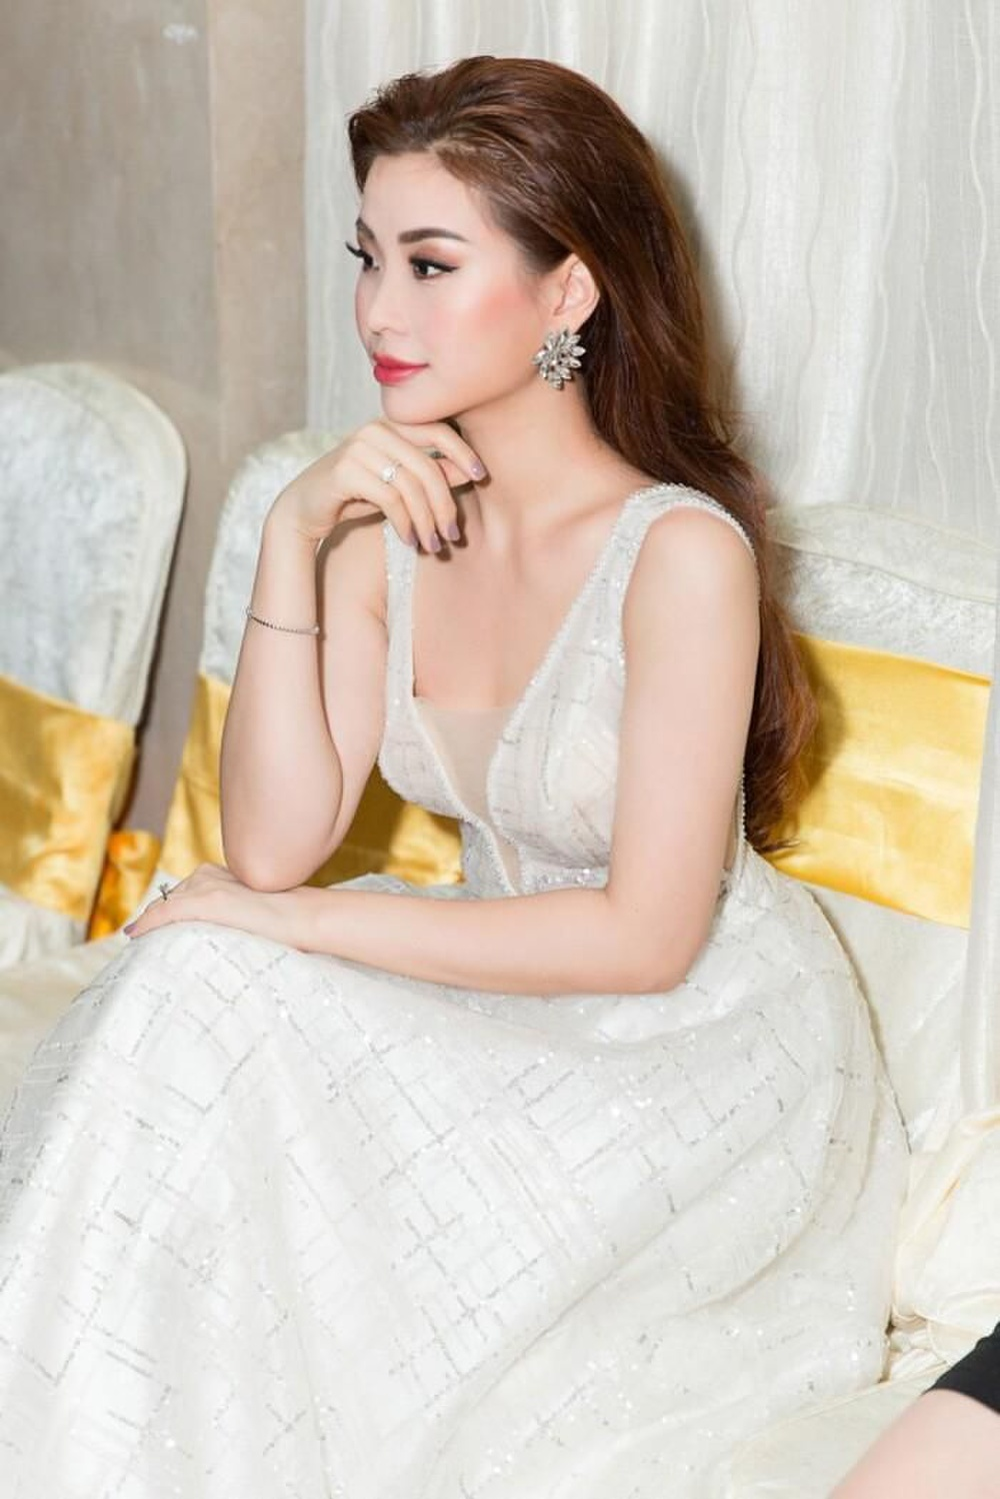 5 mỹ nhân khước từ cơ hội thi Miss Universe: Thanh Hằng gây tiếc nuối, Diễm Trang sợ thiếu thời gian Ảnh 5